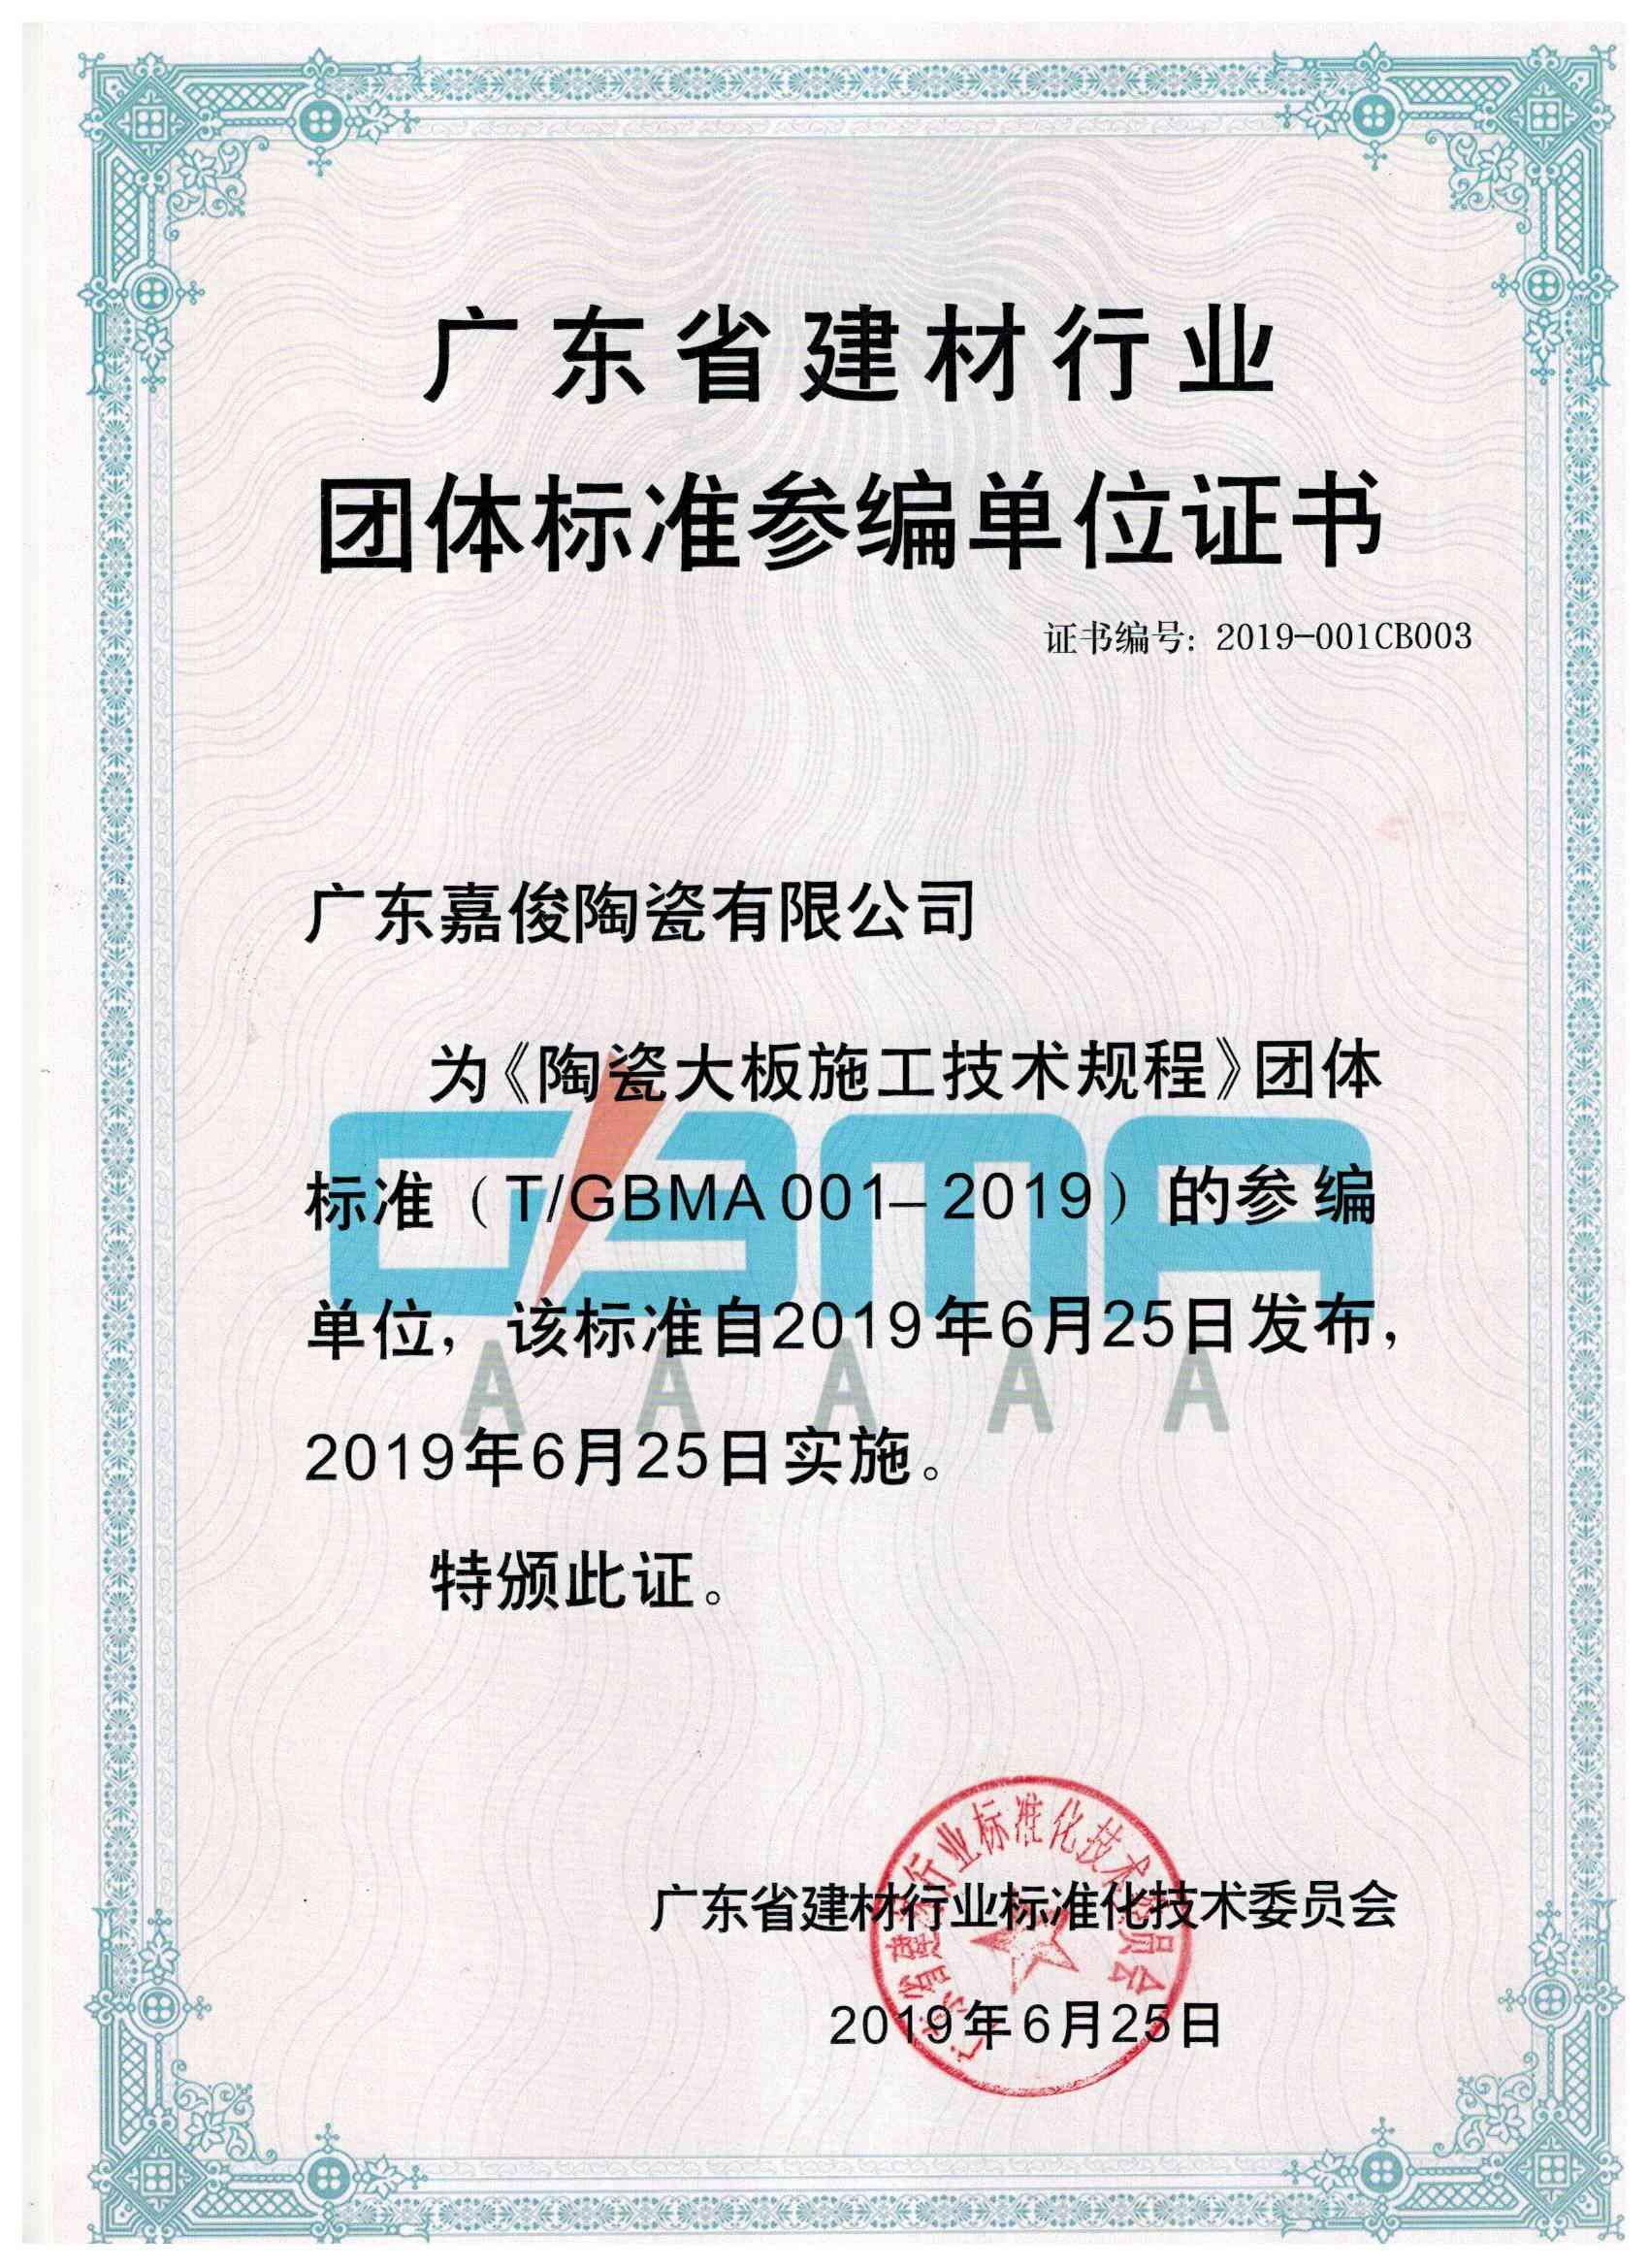 广东省建材行业团体标准参编单位证书